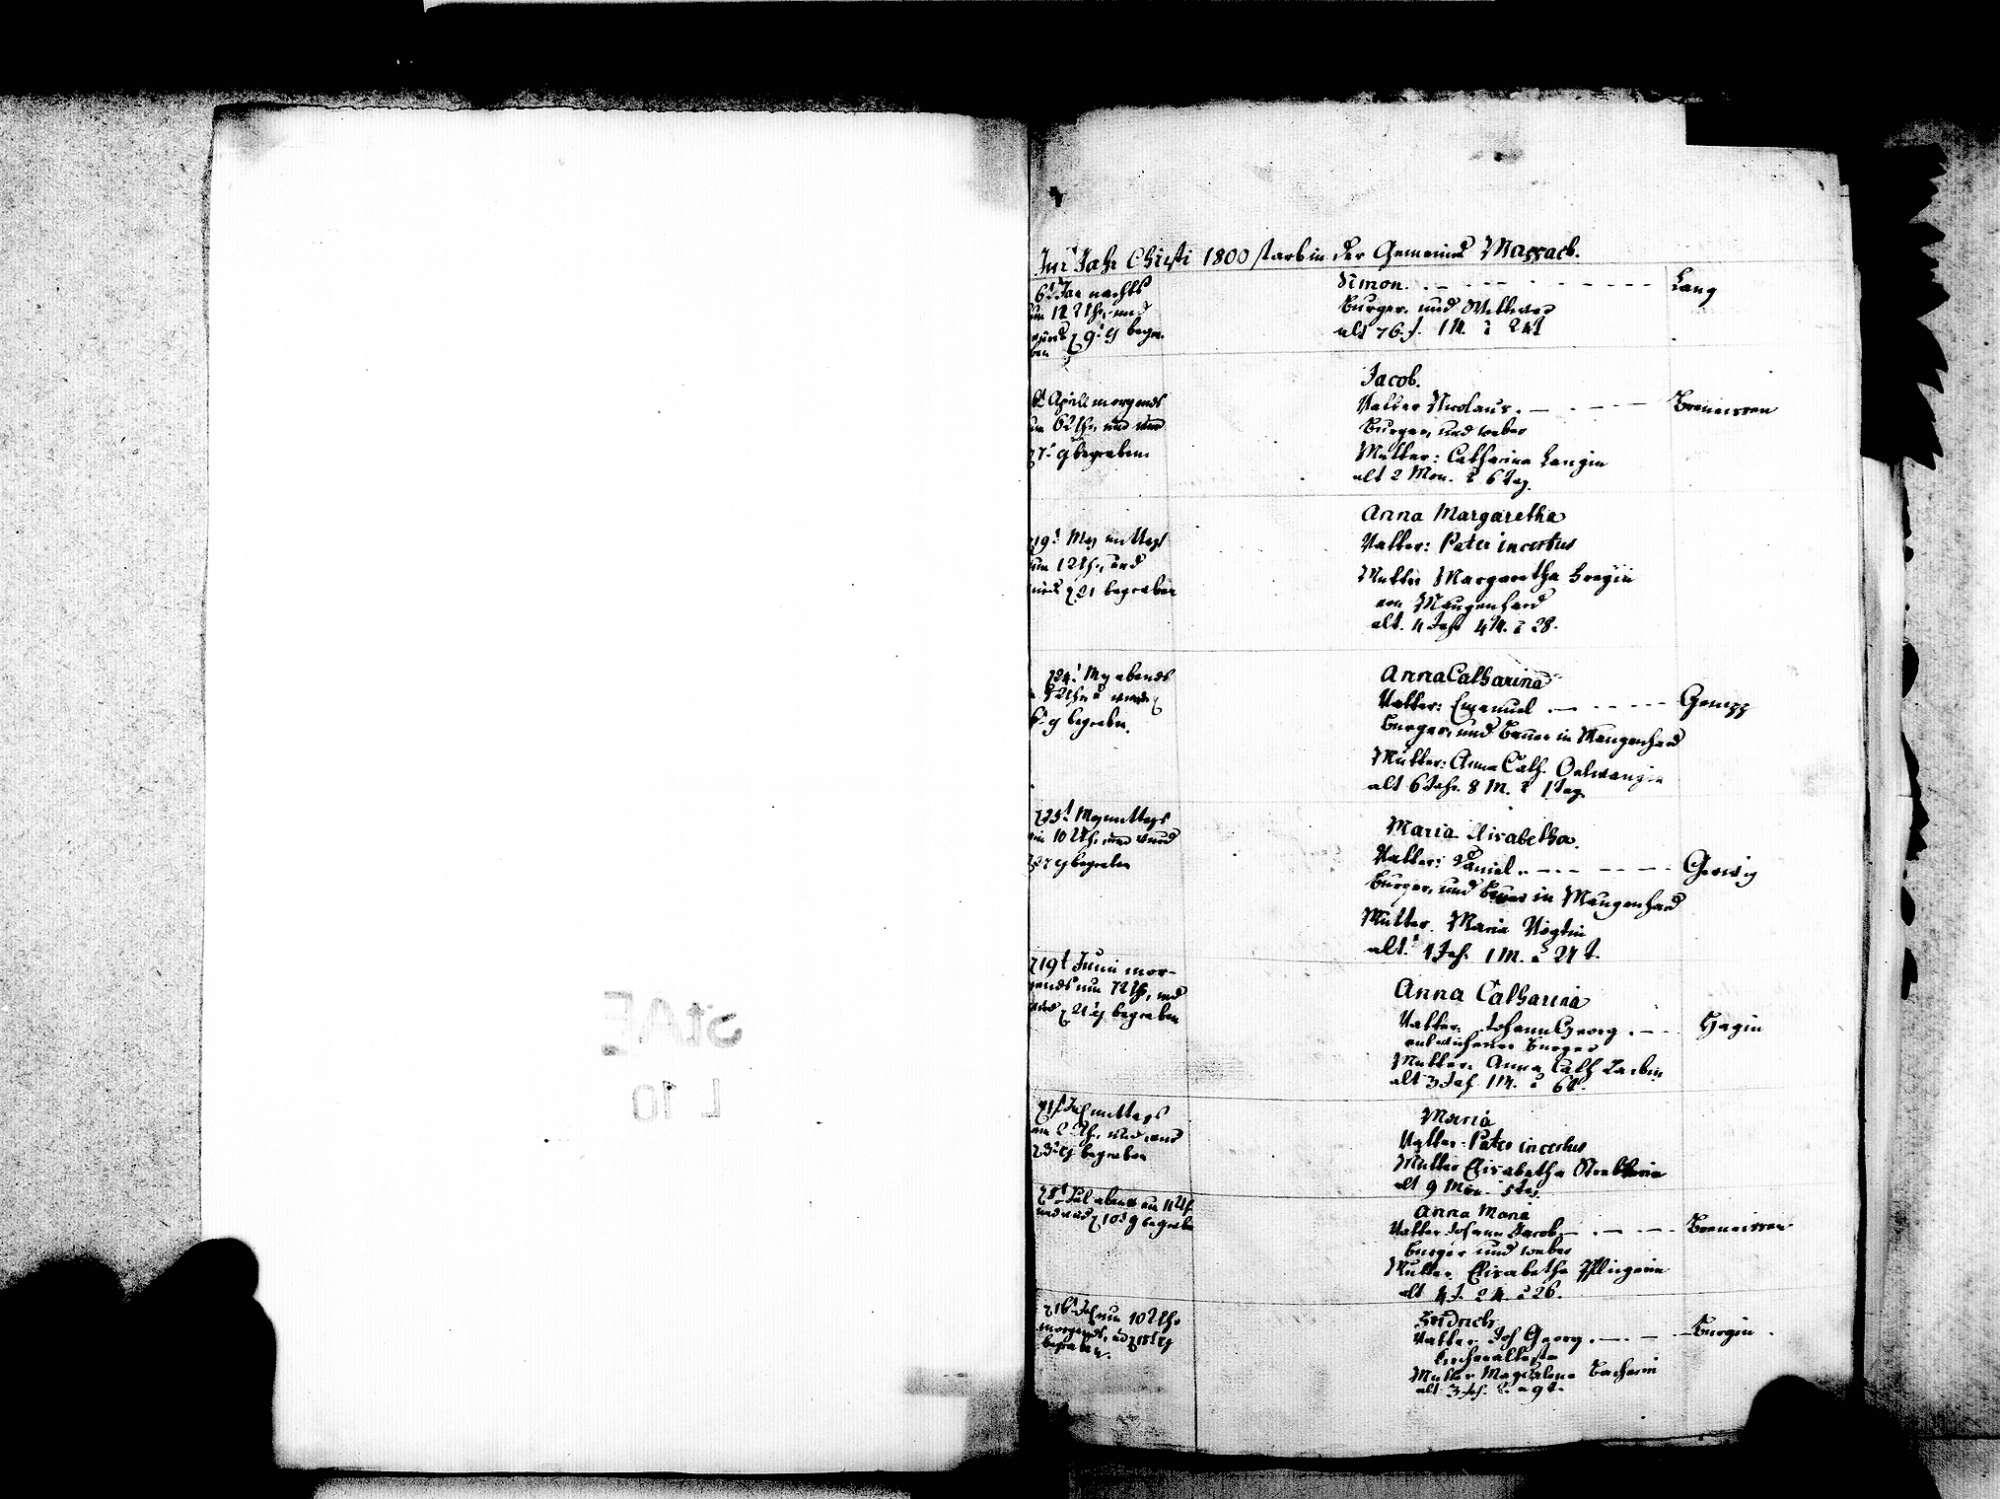 Mappach, Efringen-Kirchen LÖ; Evangelische Gemeinde: Sterbebuch 1800-1869, Bild 3